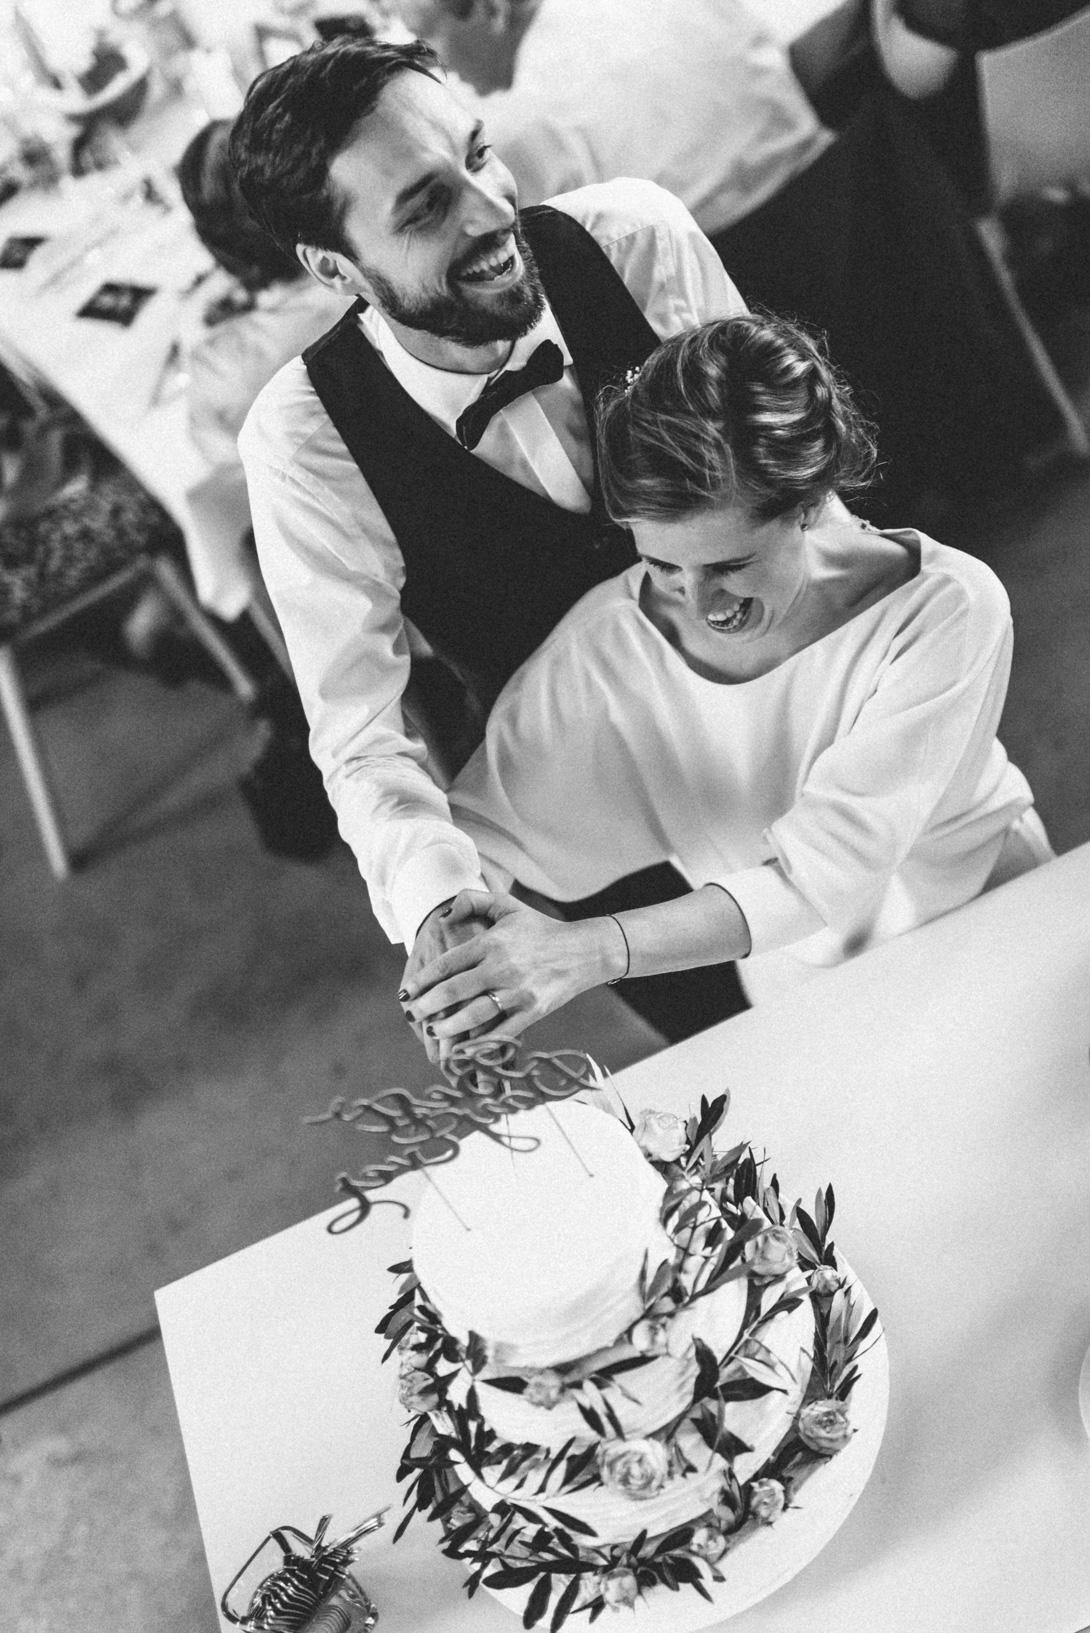 diy-hochzeitsfotos-werkstatt-stomberg-vintage-118 Feli & Bene Hochzeit in der Werkstatt Stromberg Waltropdiy hochzeitsfotos werkstatt stomberg vintage 118